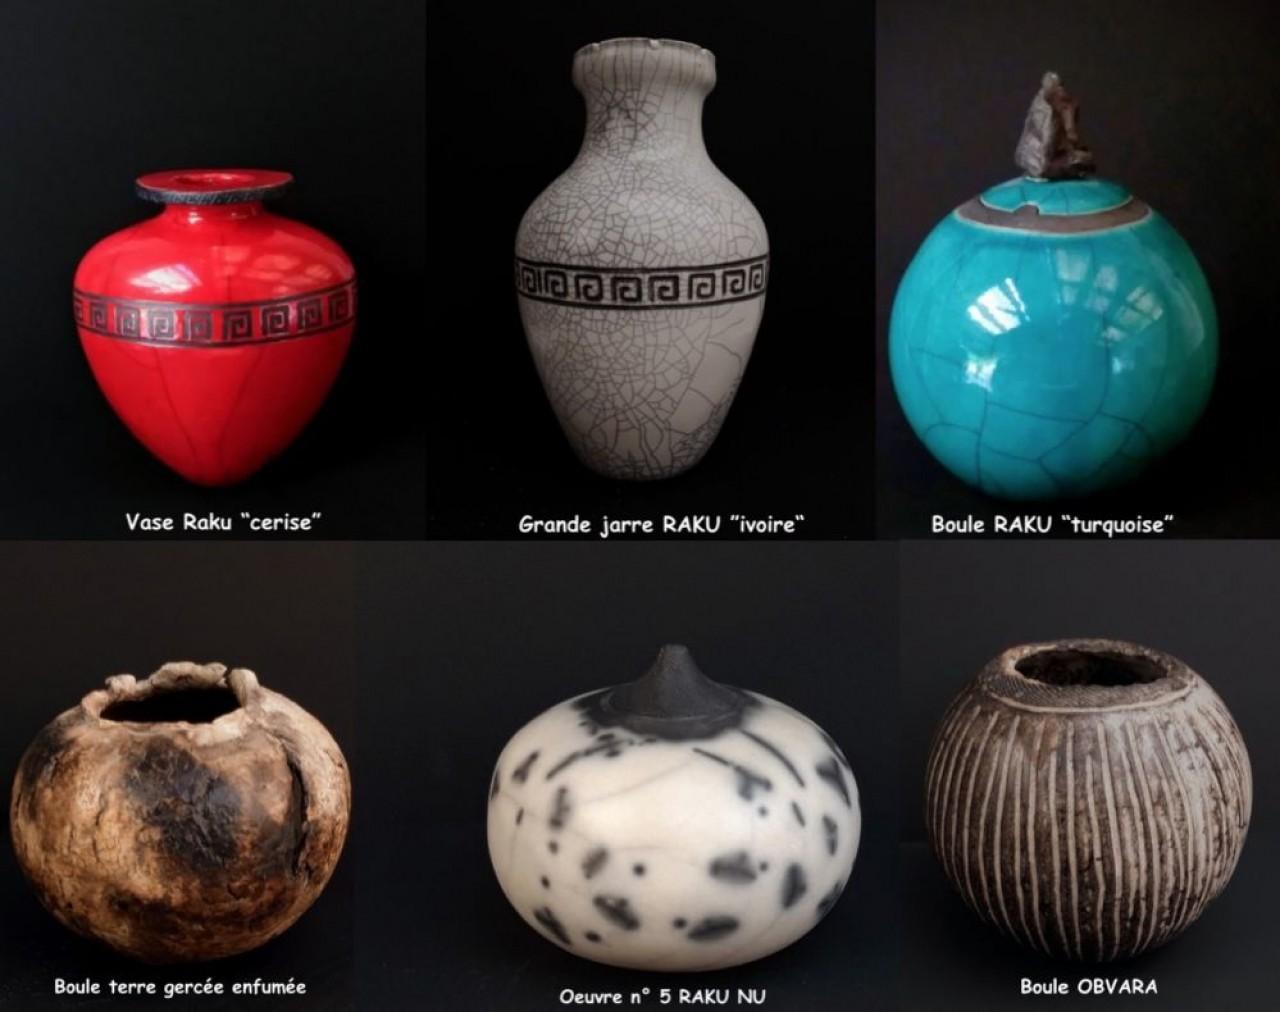 Panorama des techniques céramiques mises en ouvre par Christian Feyl dans son atelier L'Emaux pour le dire.